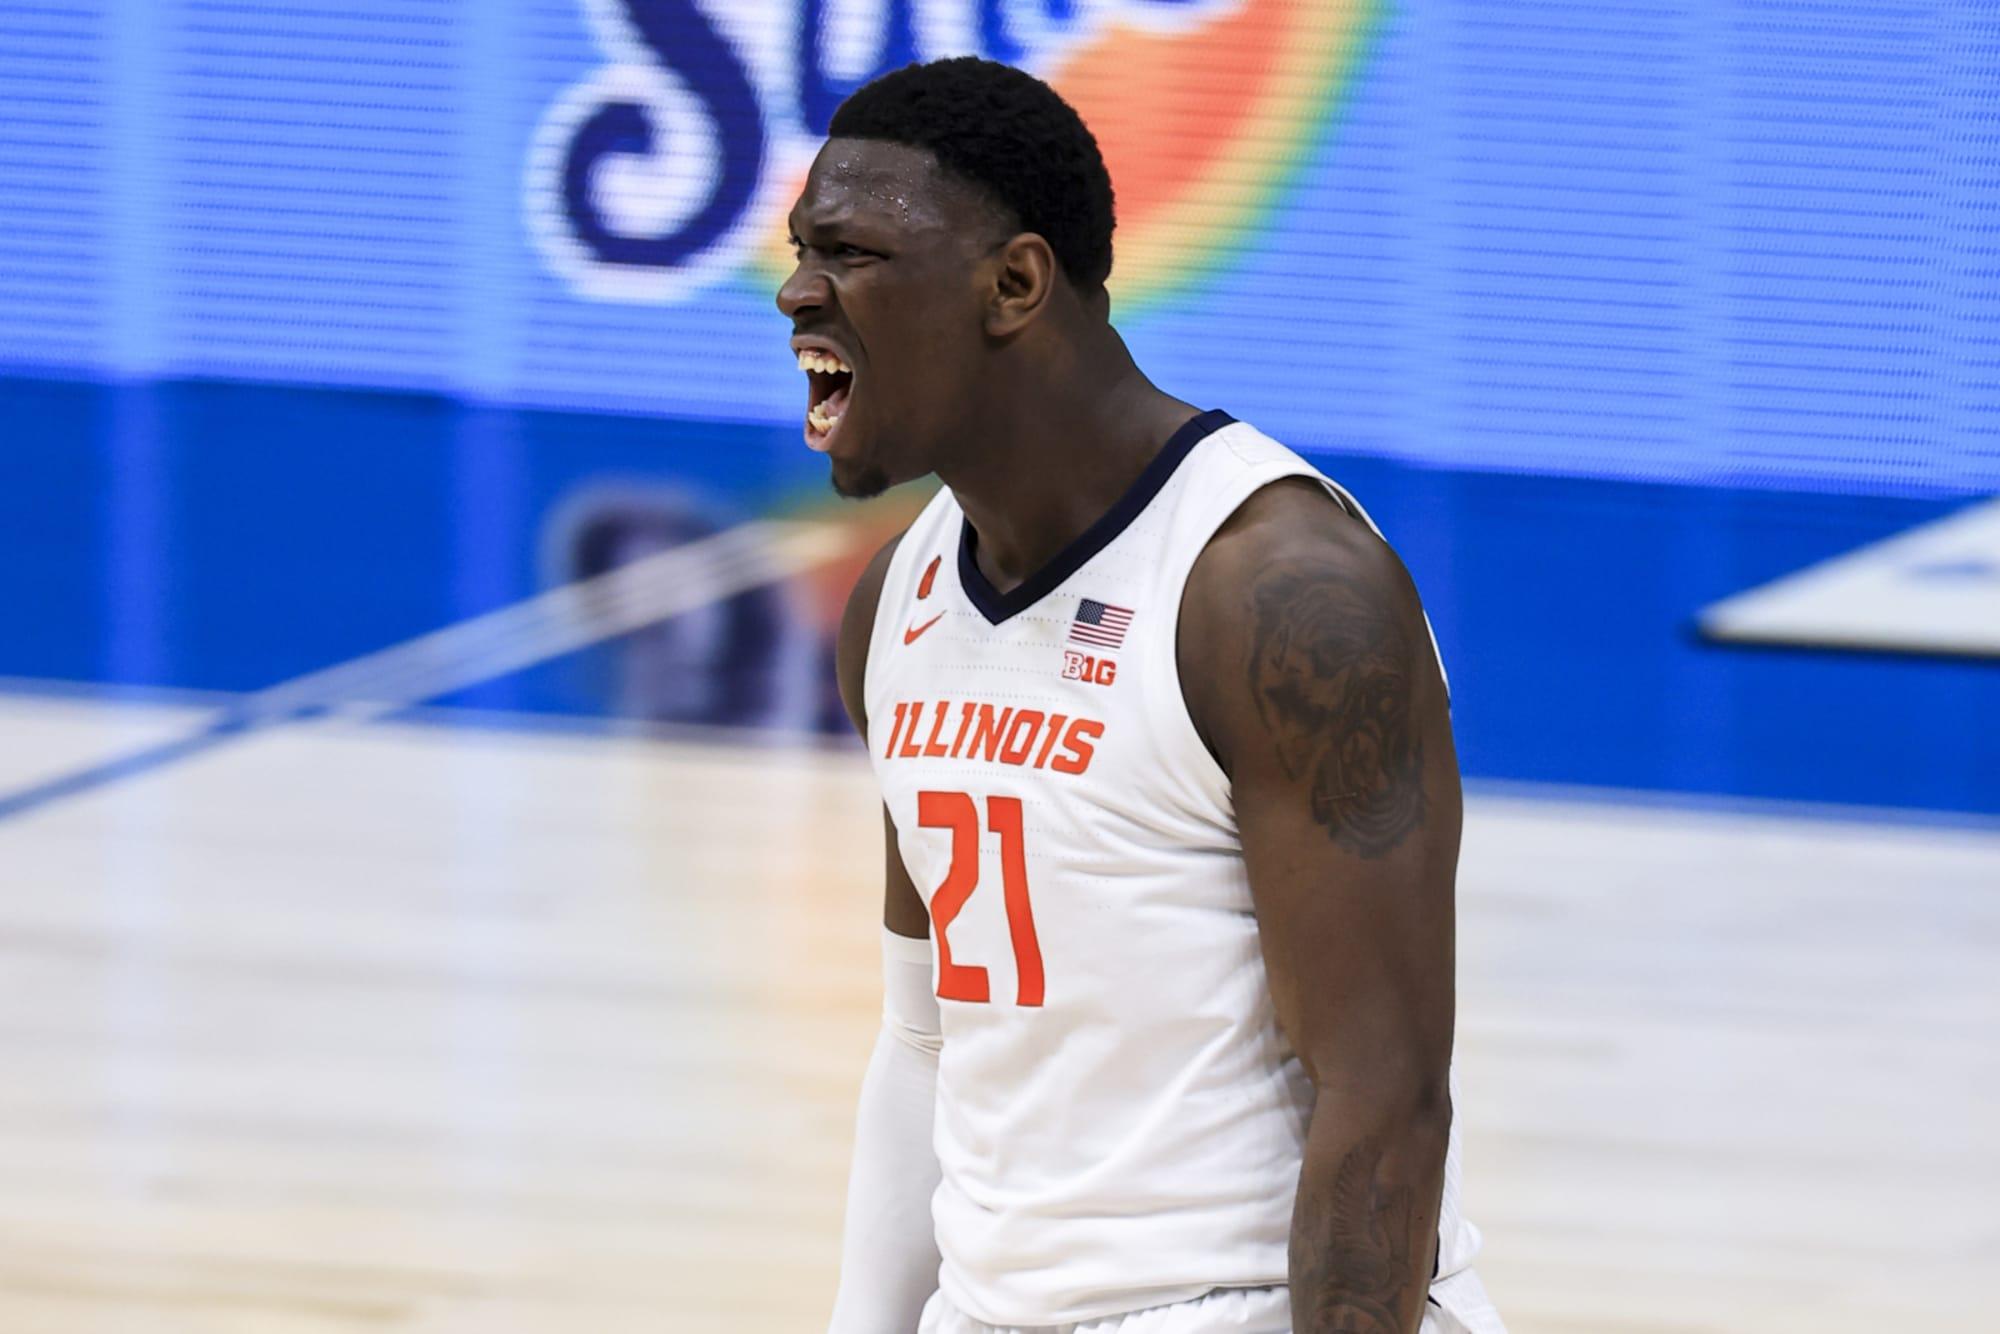 Illinois Basketball: 4 keys for the Illini to take down Ohio State